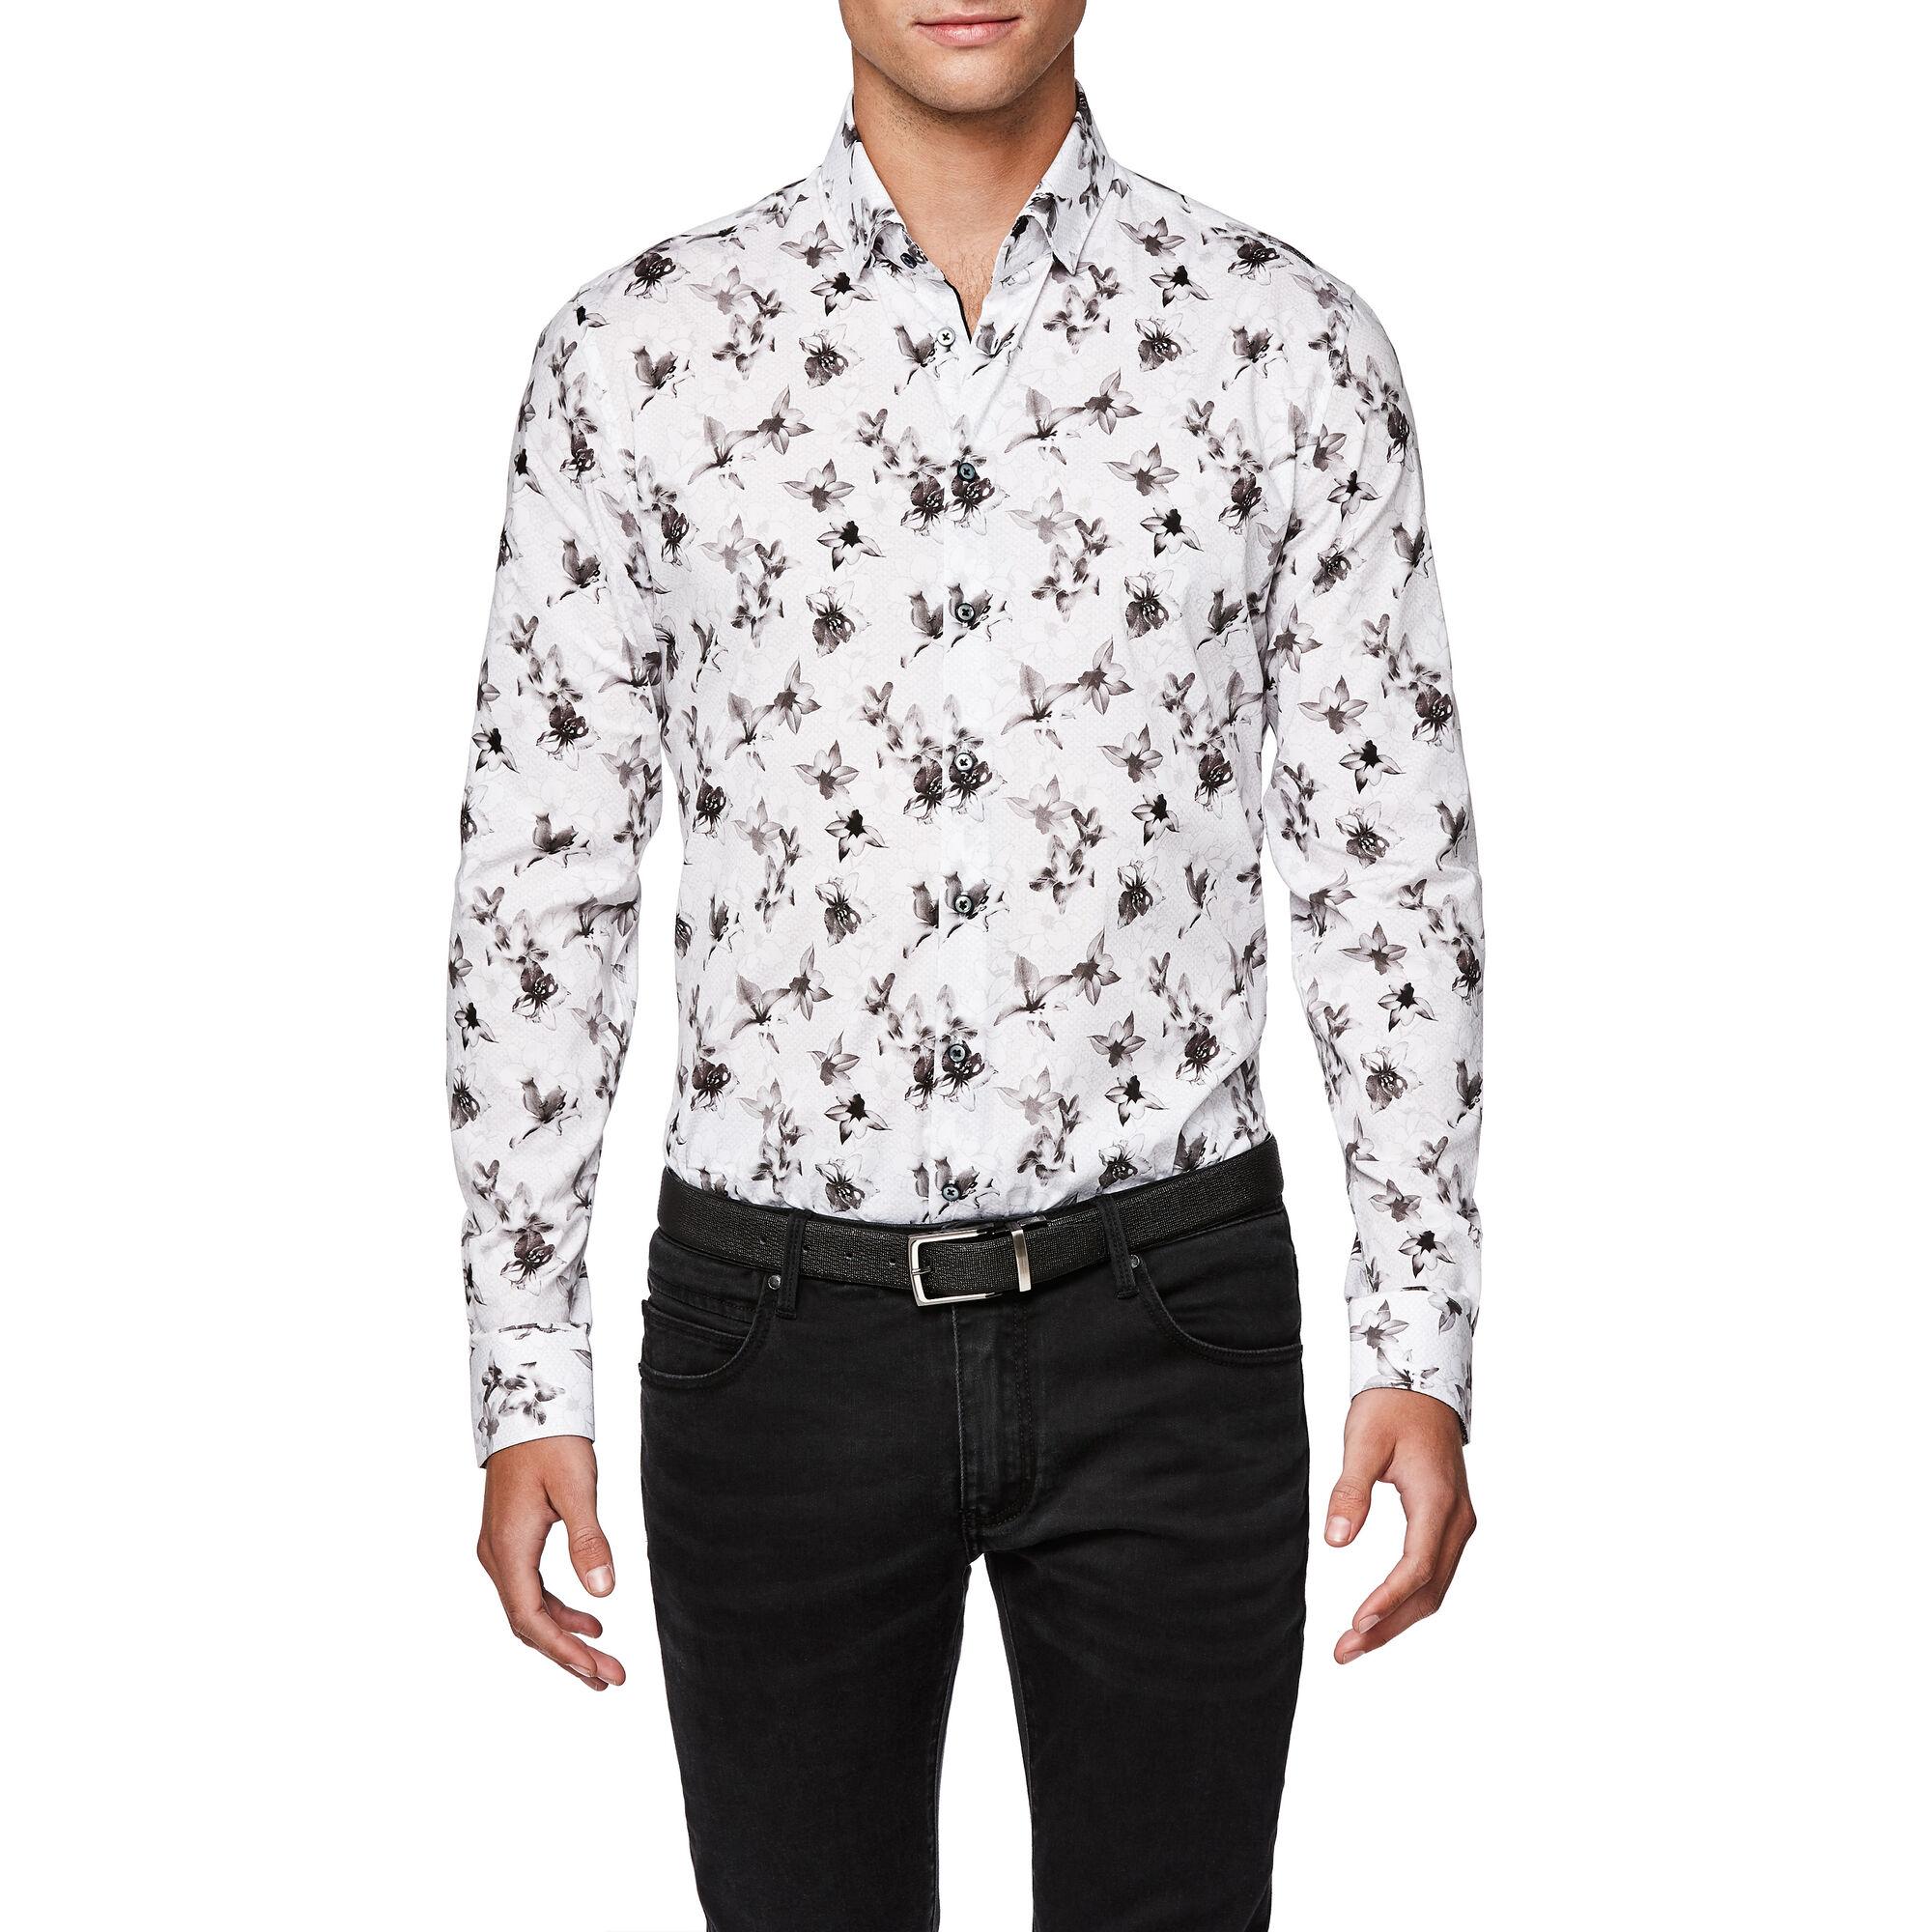 db45e348b34 Bate - White/Silver - L/S Floral Button Down Shirt | Politix